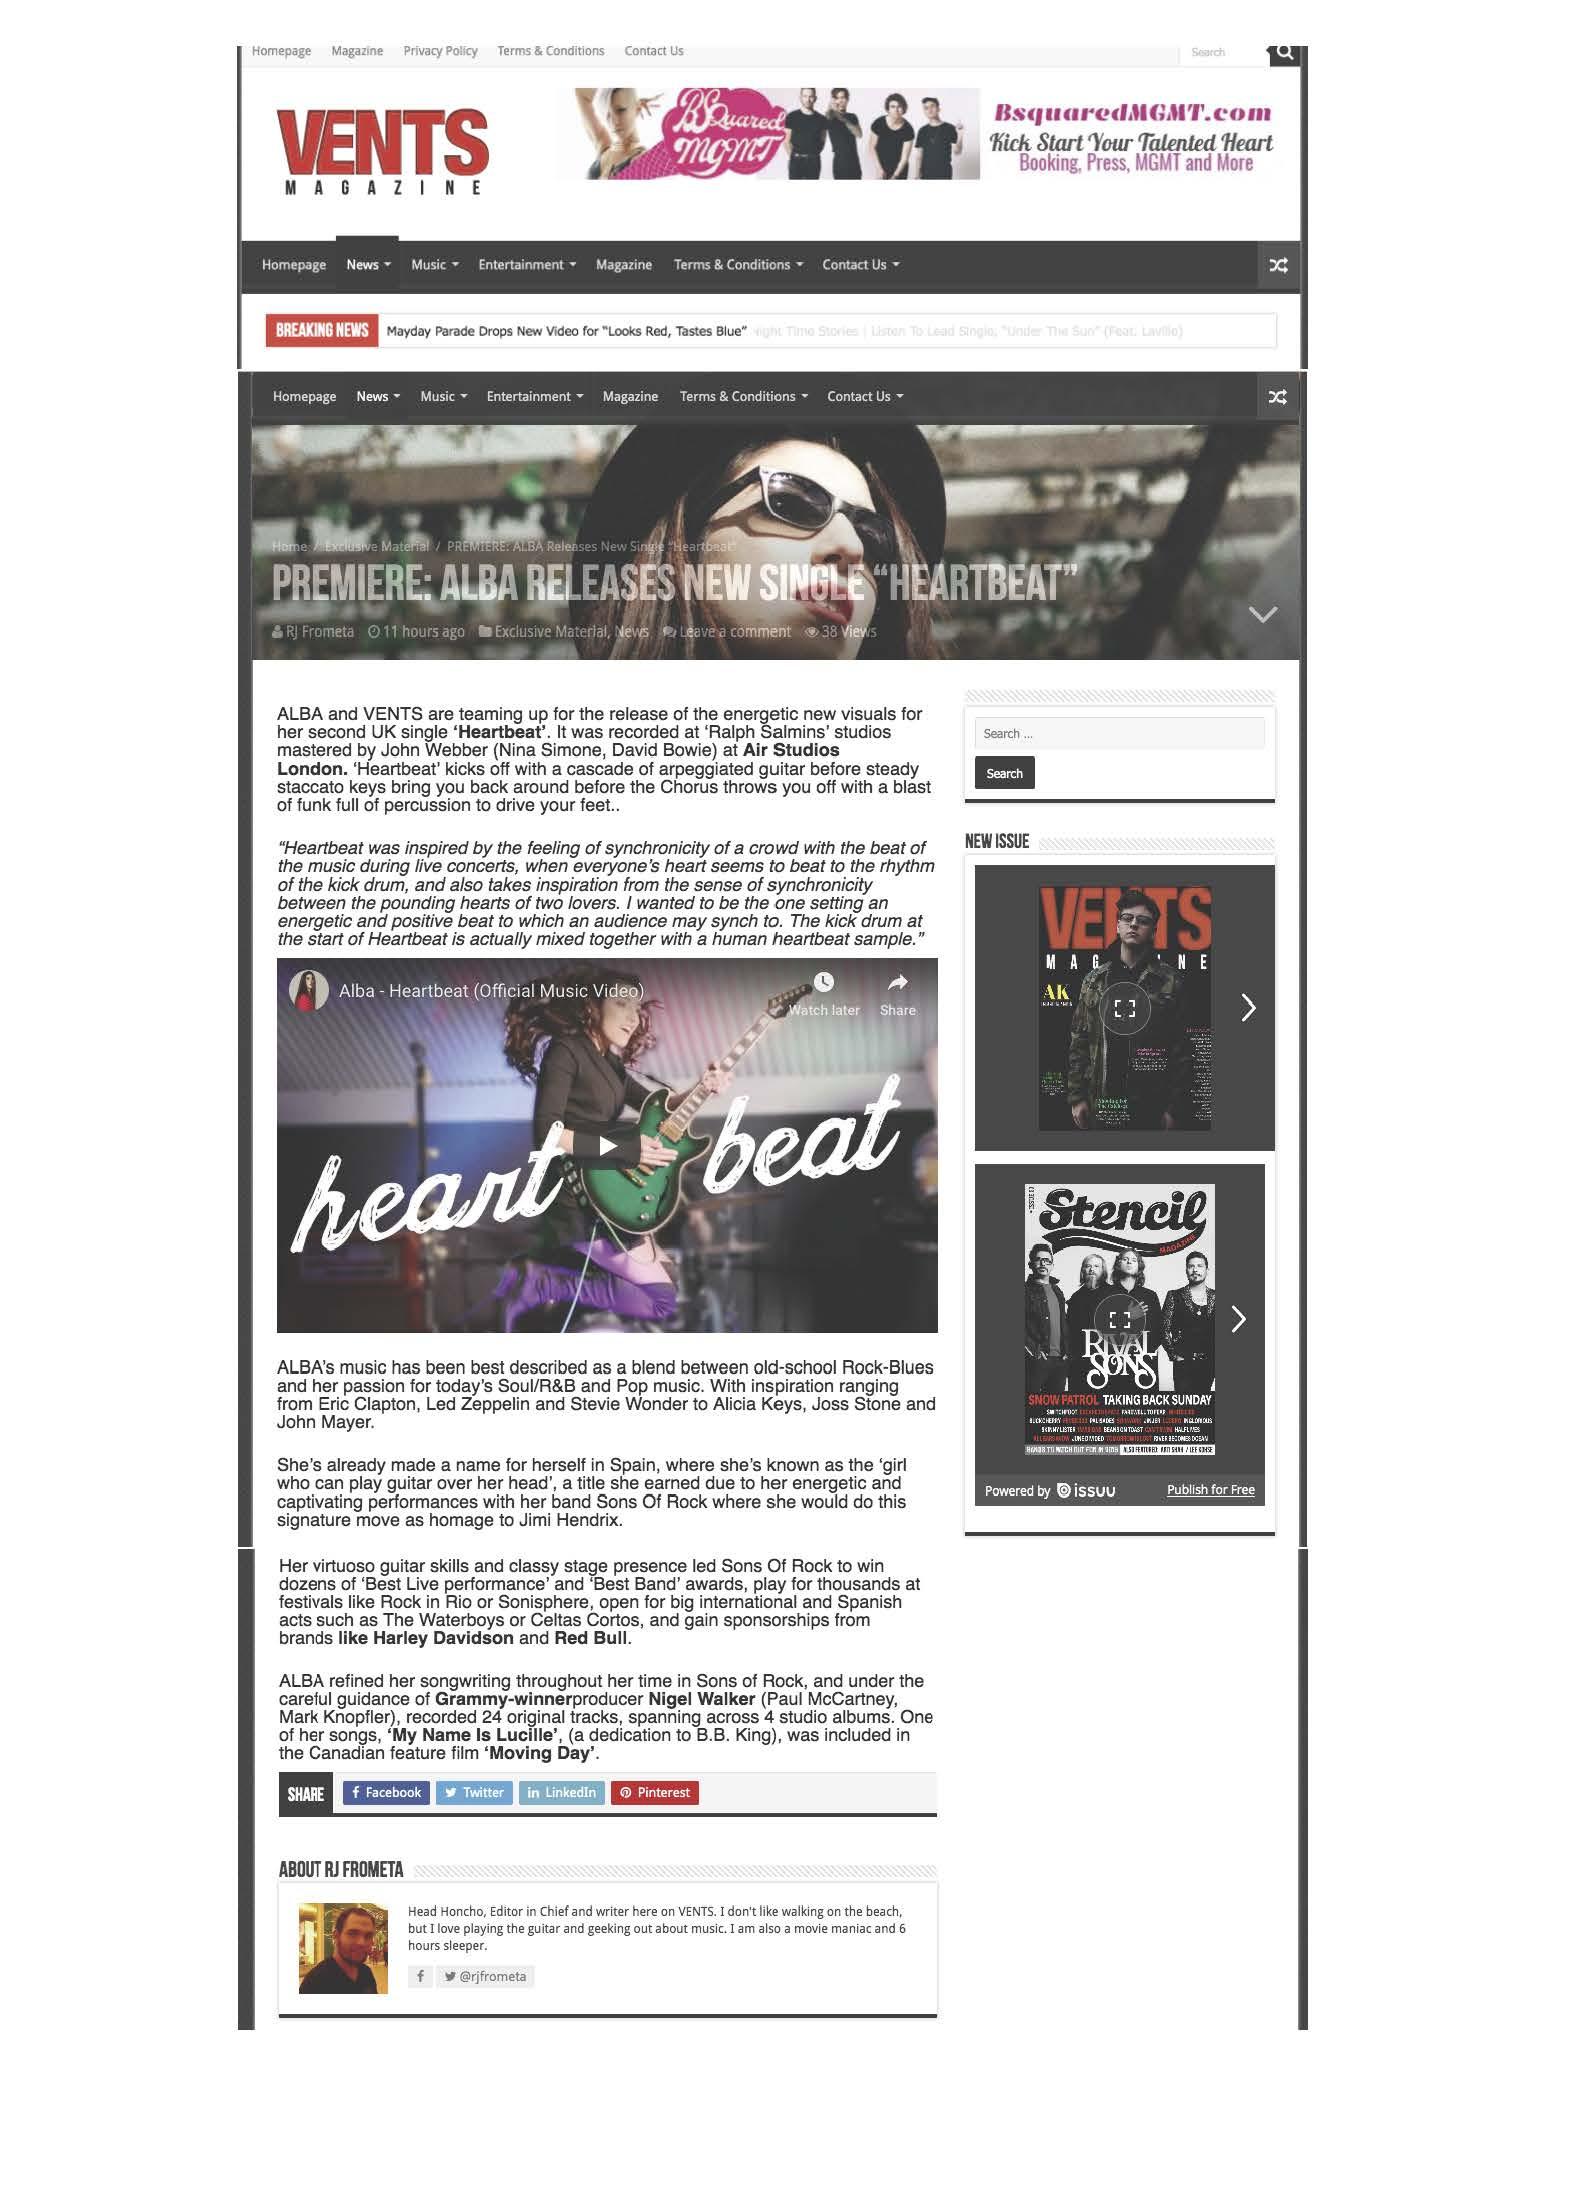 Vents Magazine Heartbeat Premiere - Alba